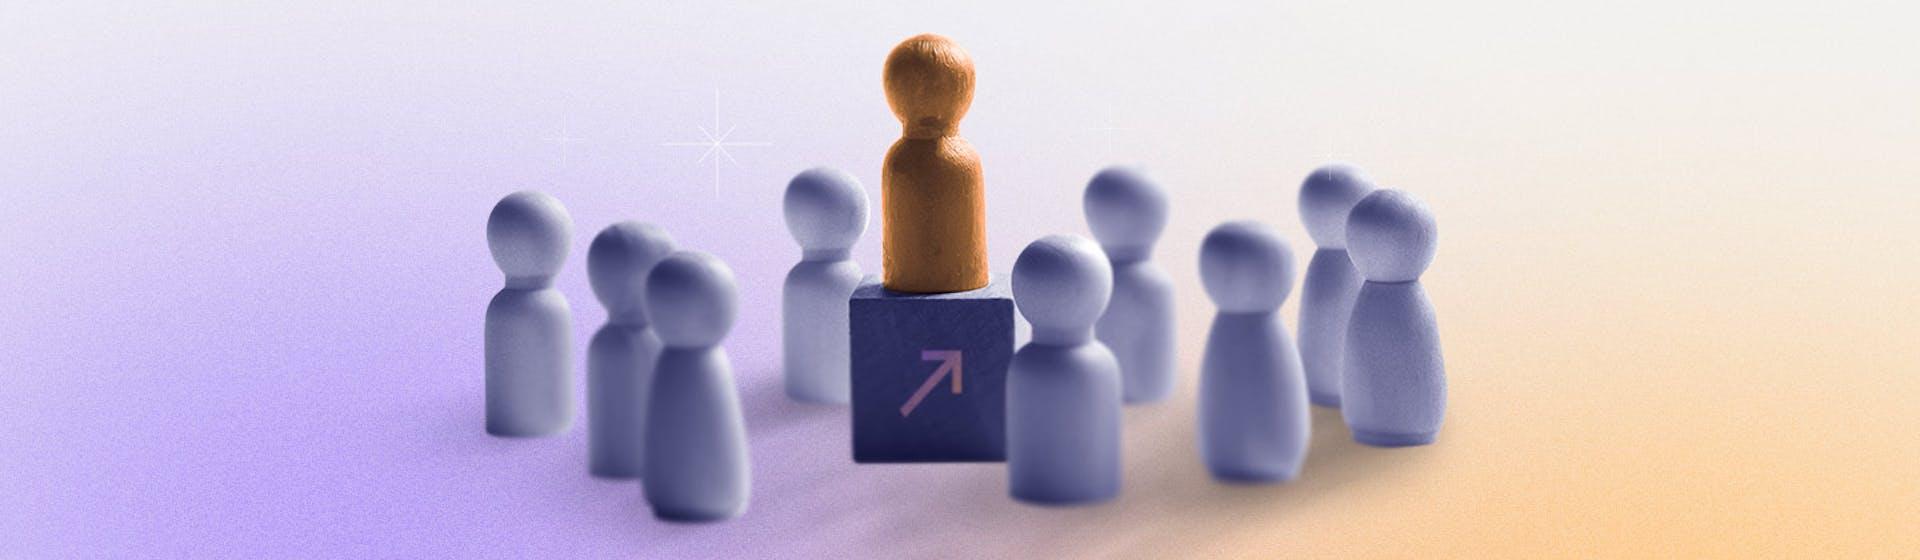 +10 Cursos de liderazgo para empresas: ¡maximiza el power de tu organización!